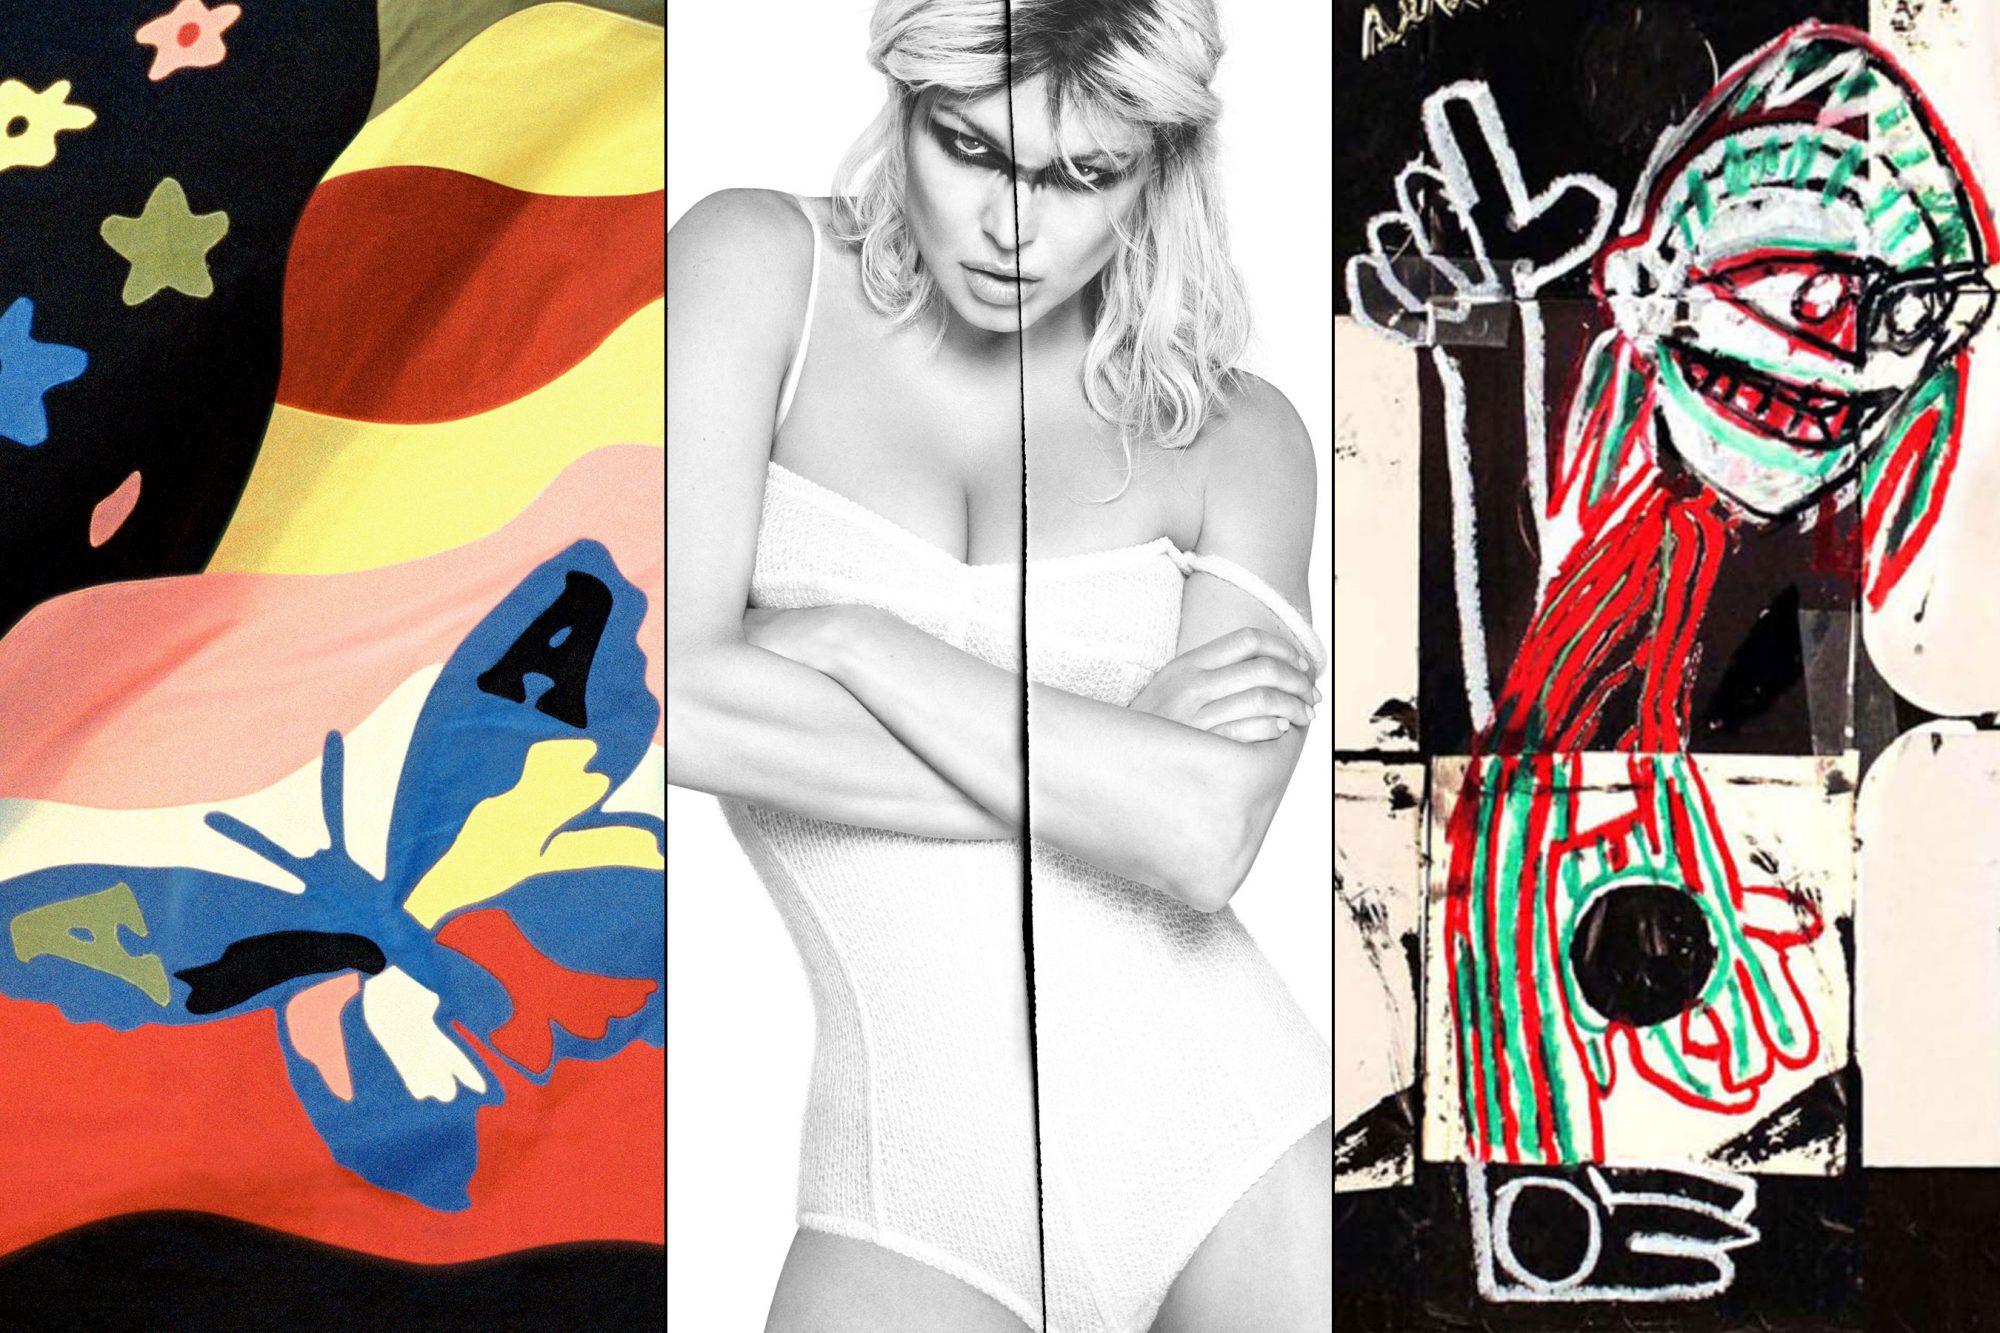 Delayed album covers